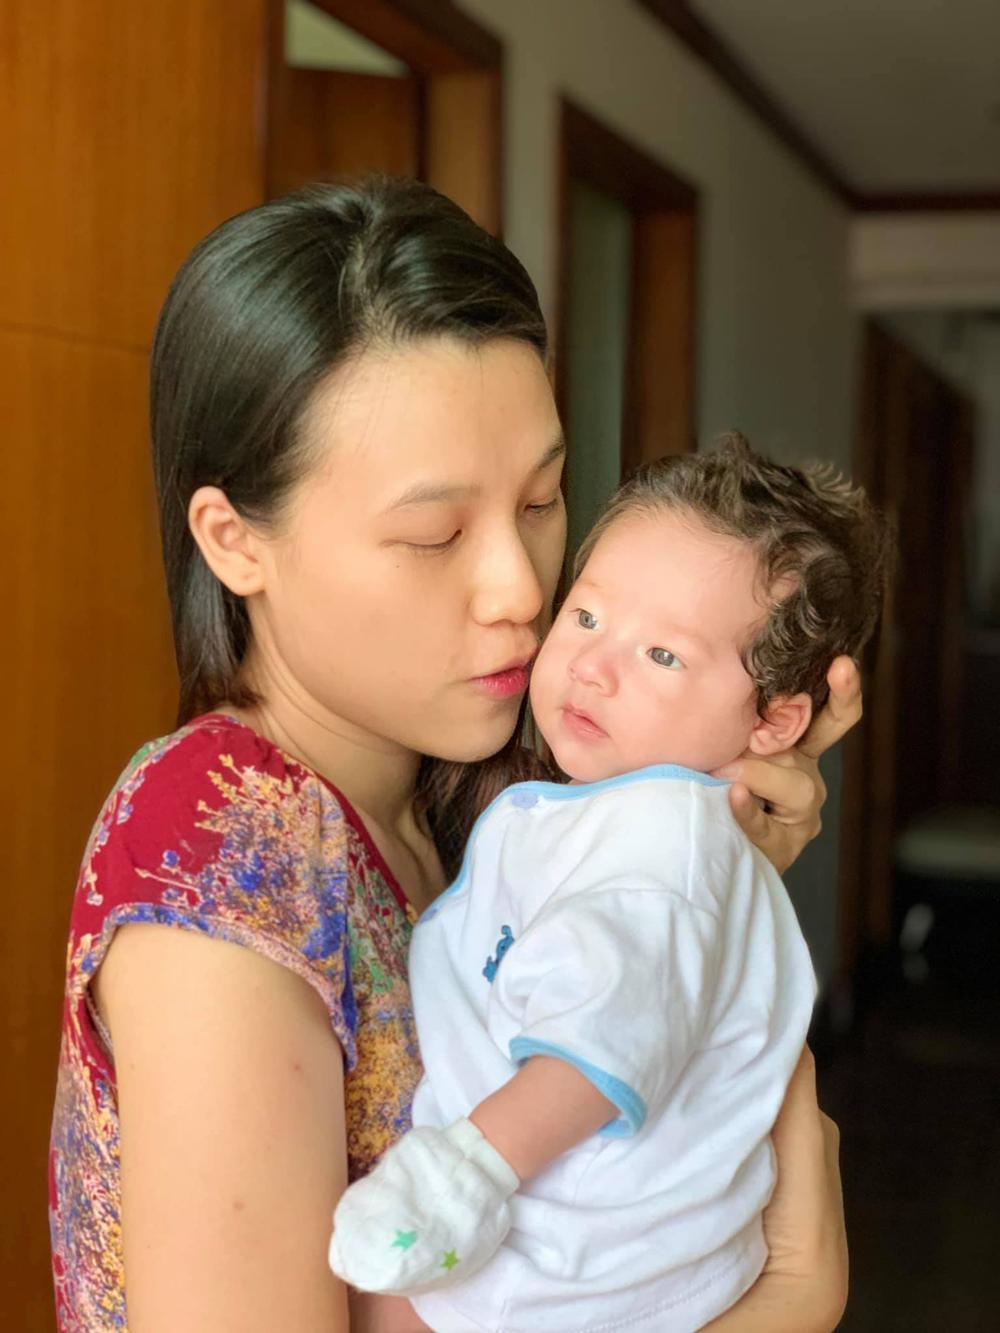 Con trai Hoàng Oanh tiếp tục gây sốt với sống mũi và góc nghiêng cực phẩm Ảnh 8